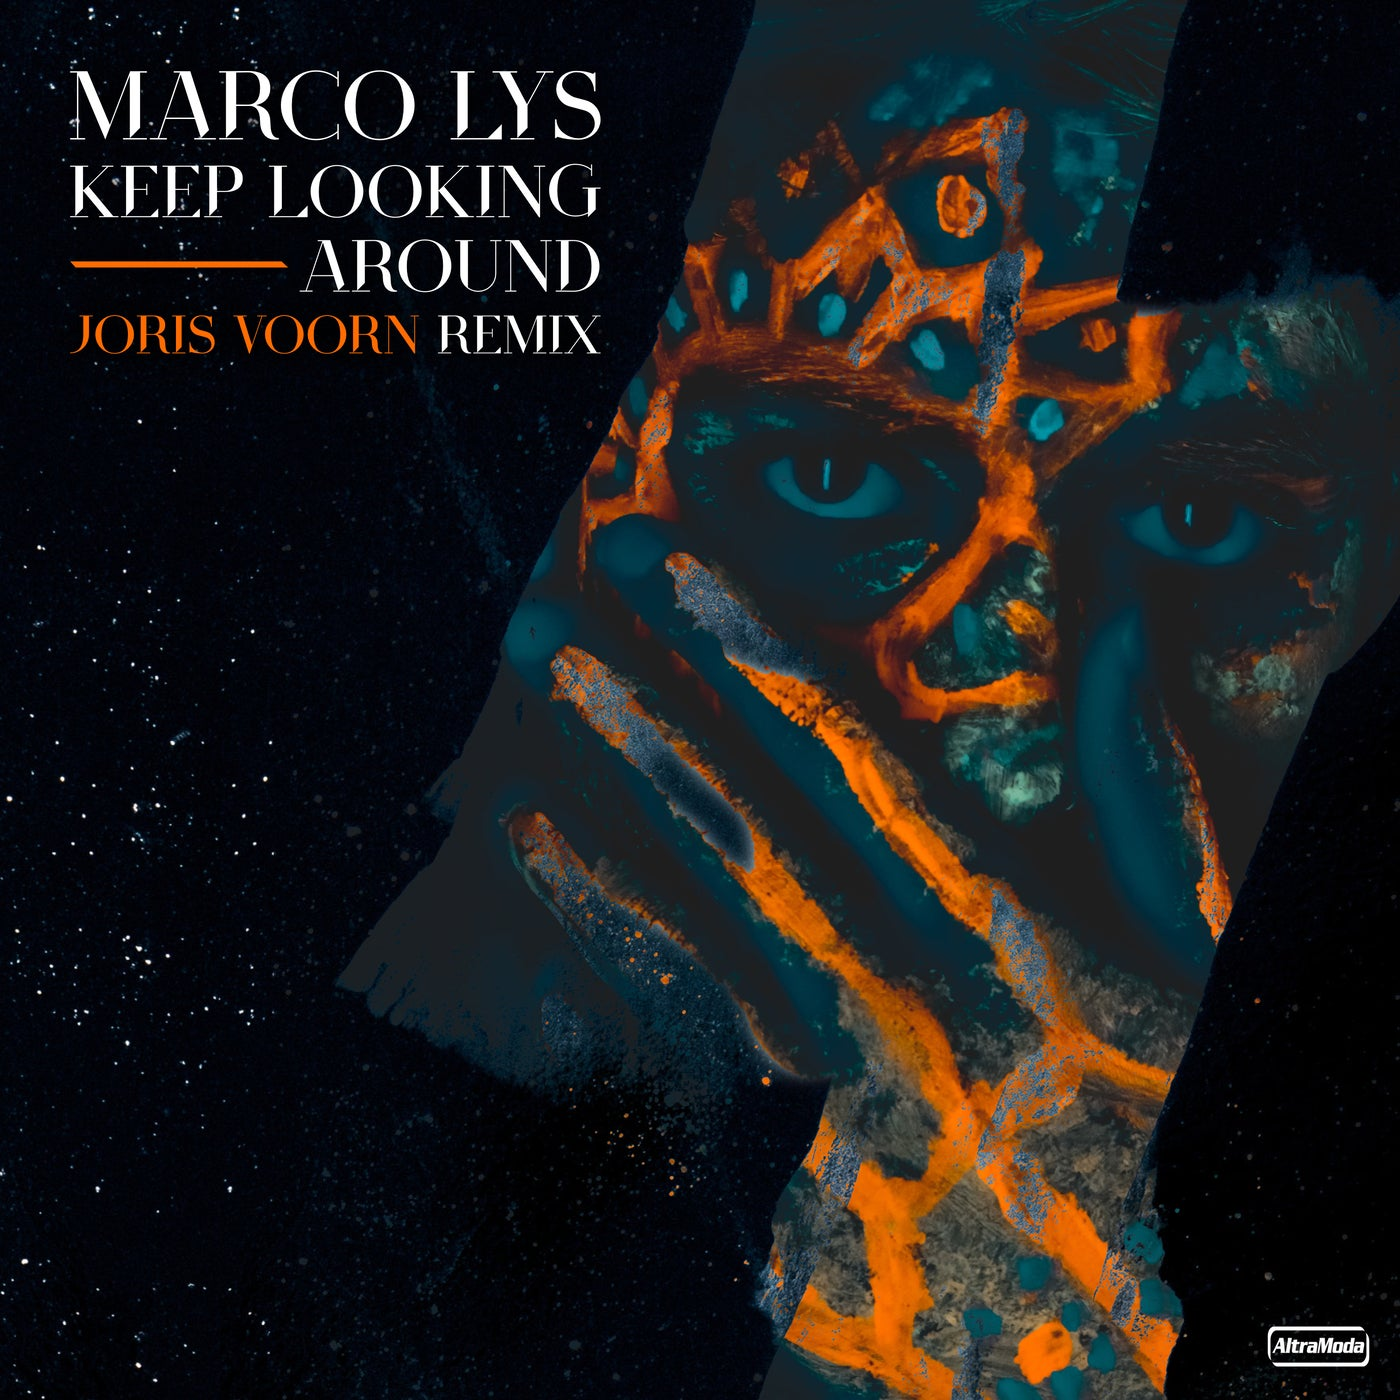 Keep Looking Around (Joris Voorn Remix)